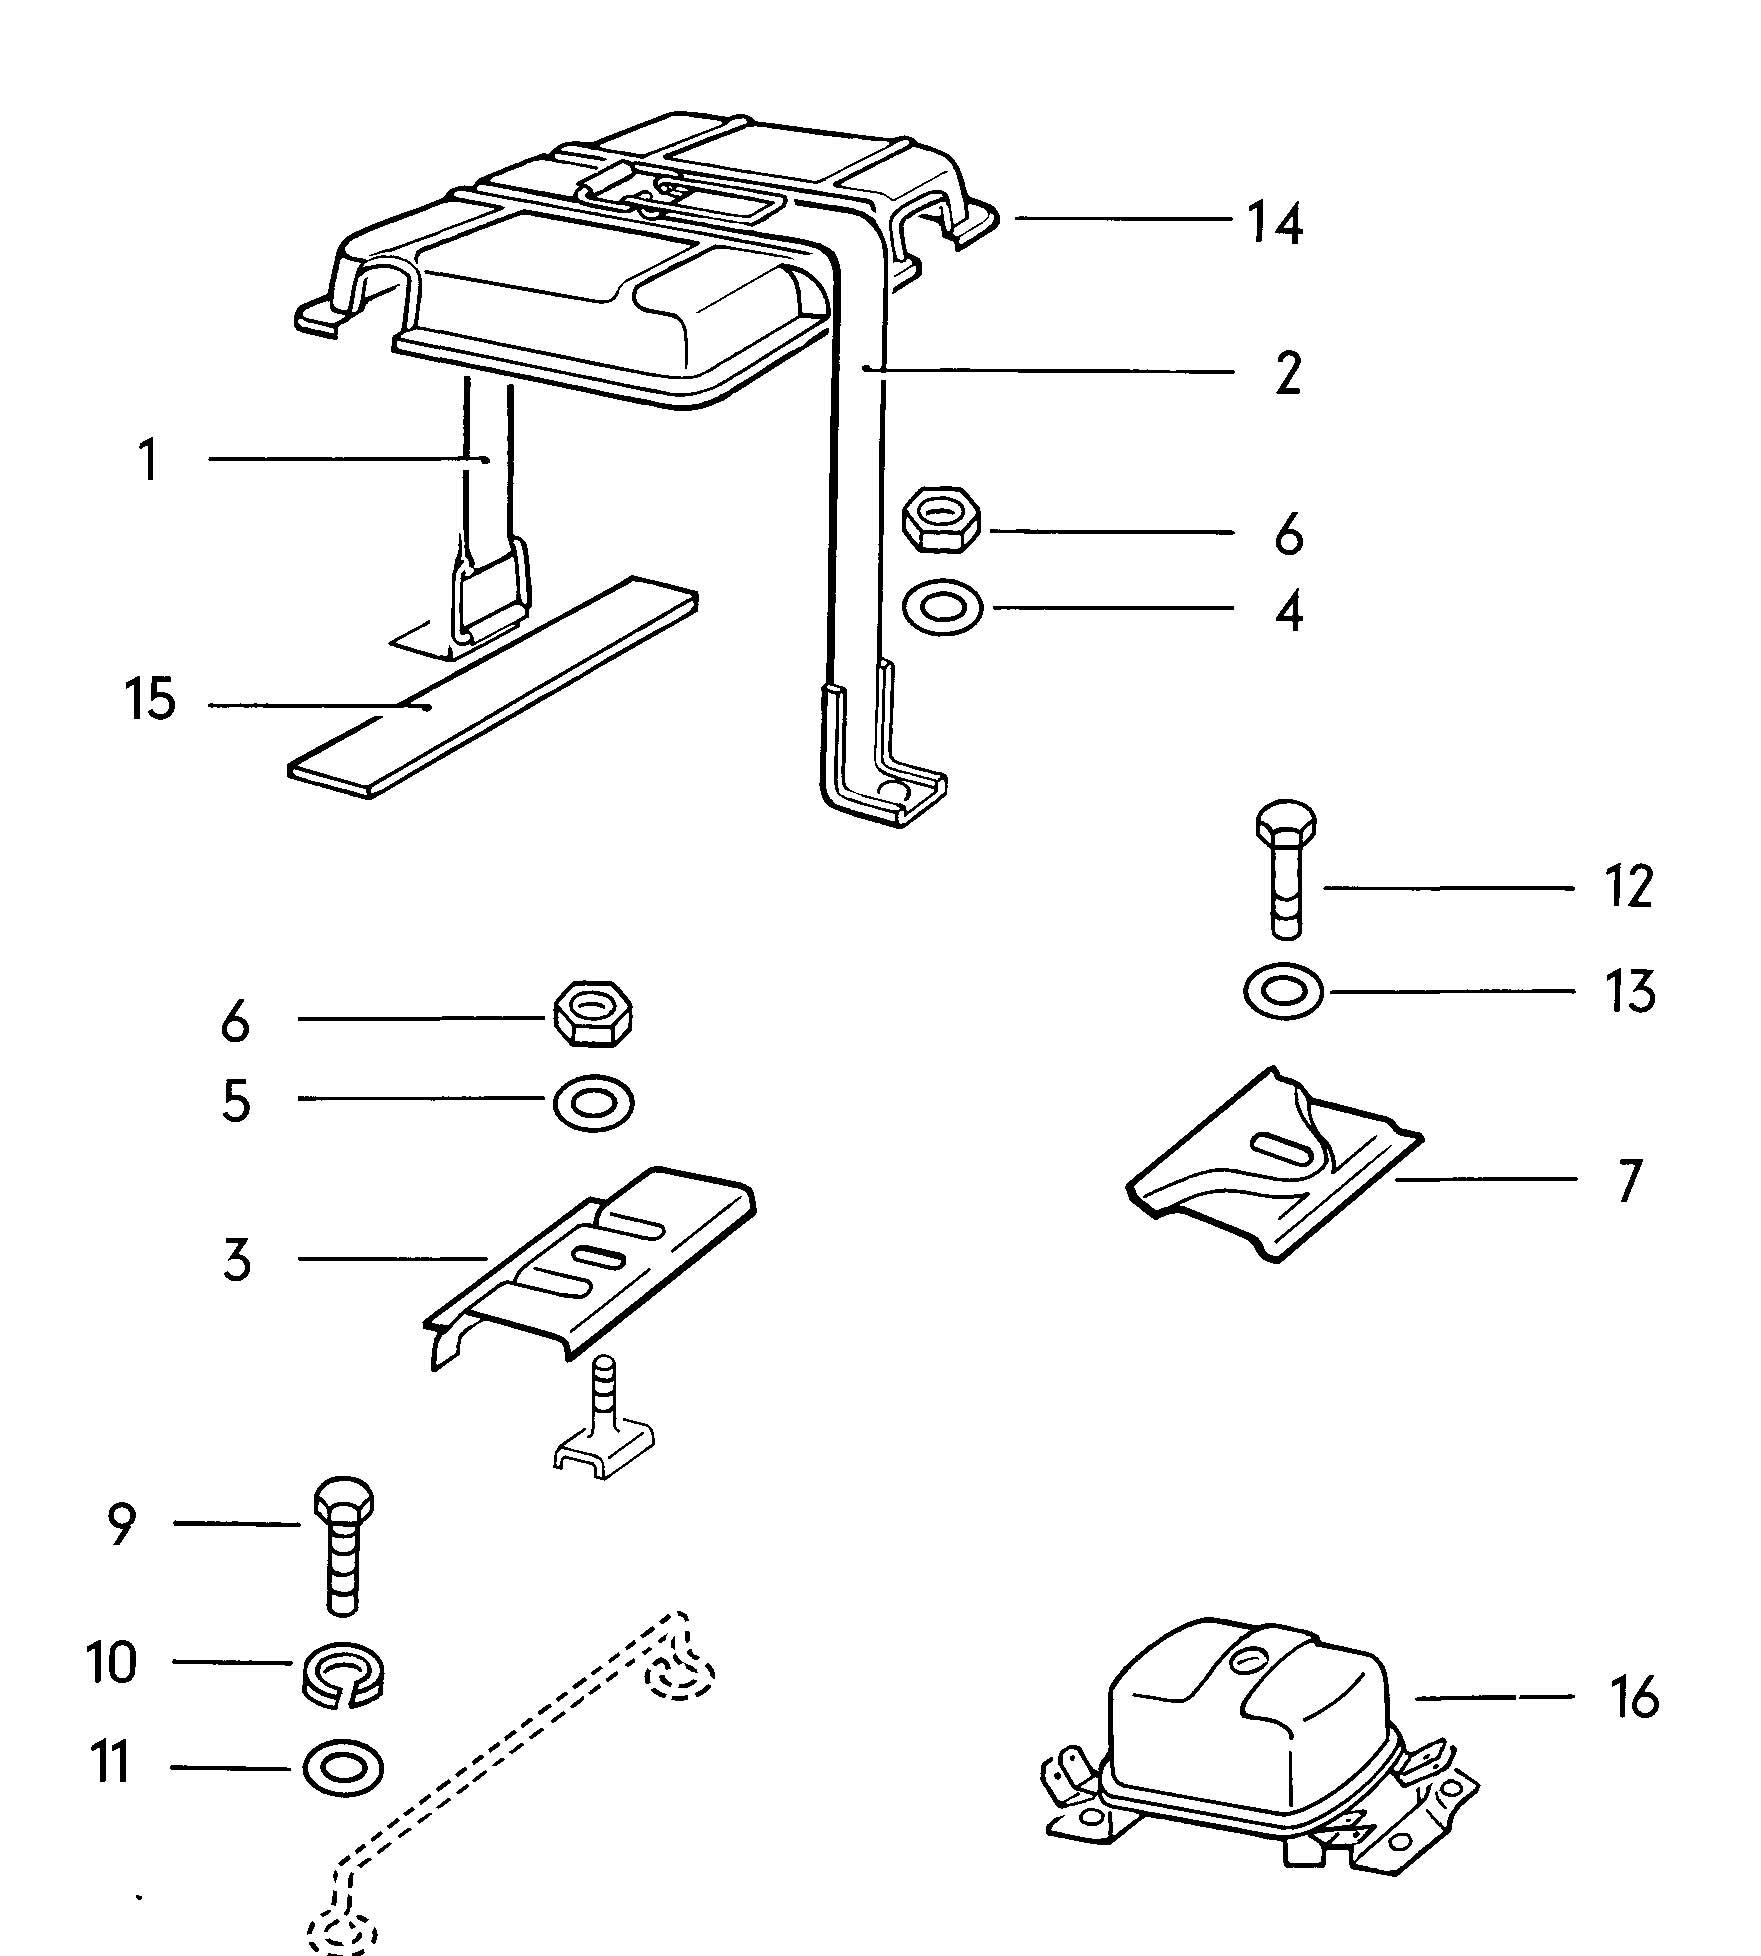 1972 vw beetle parts images